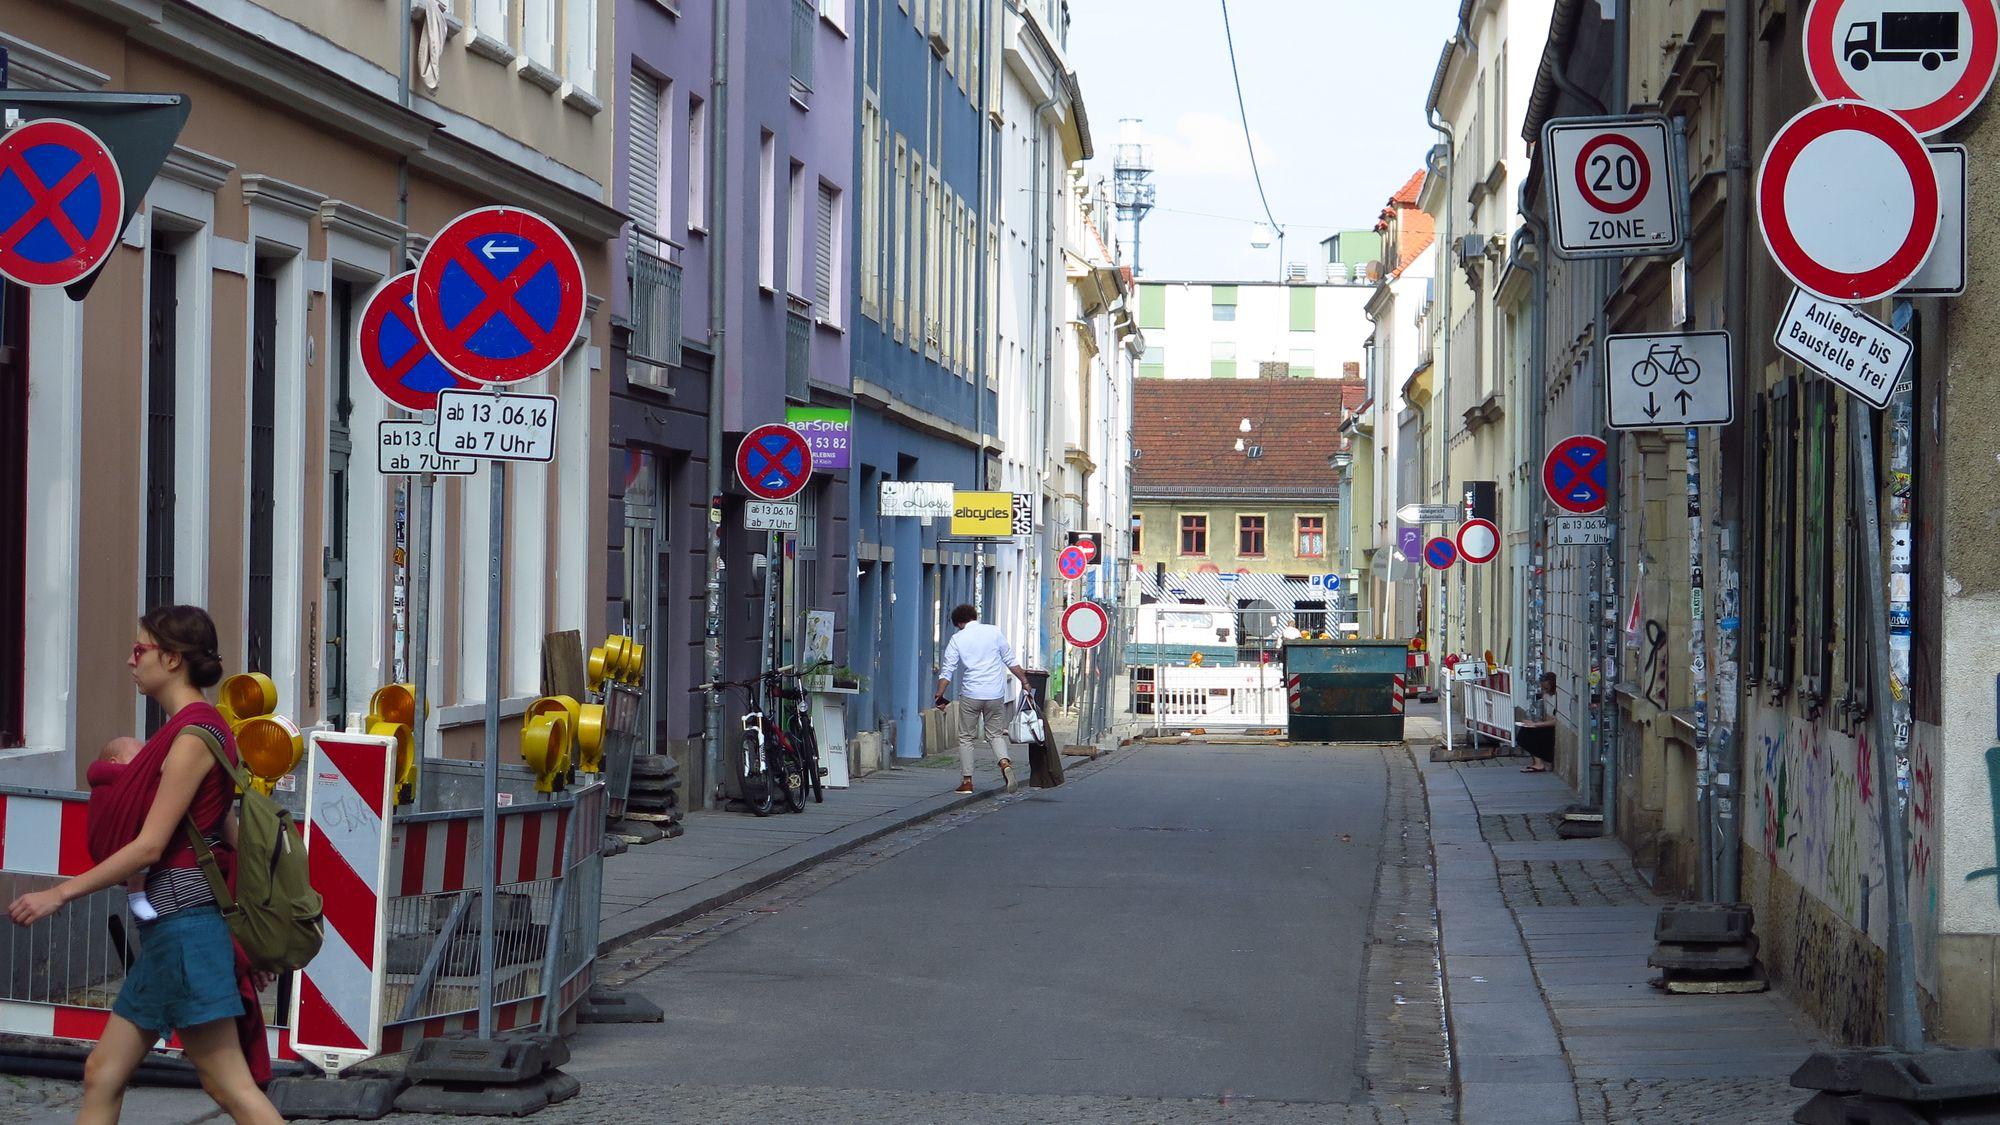 Böhmische lockt wieder mit Platz zum Einkaufsbummel.